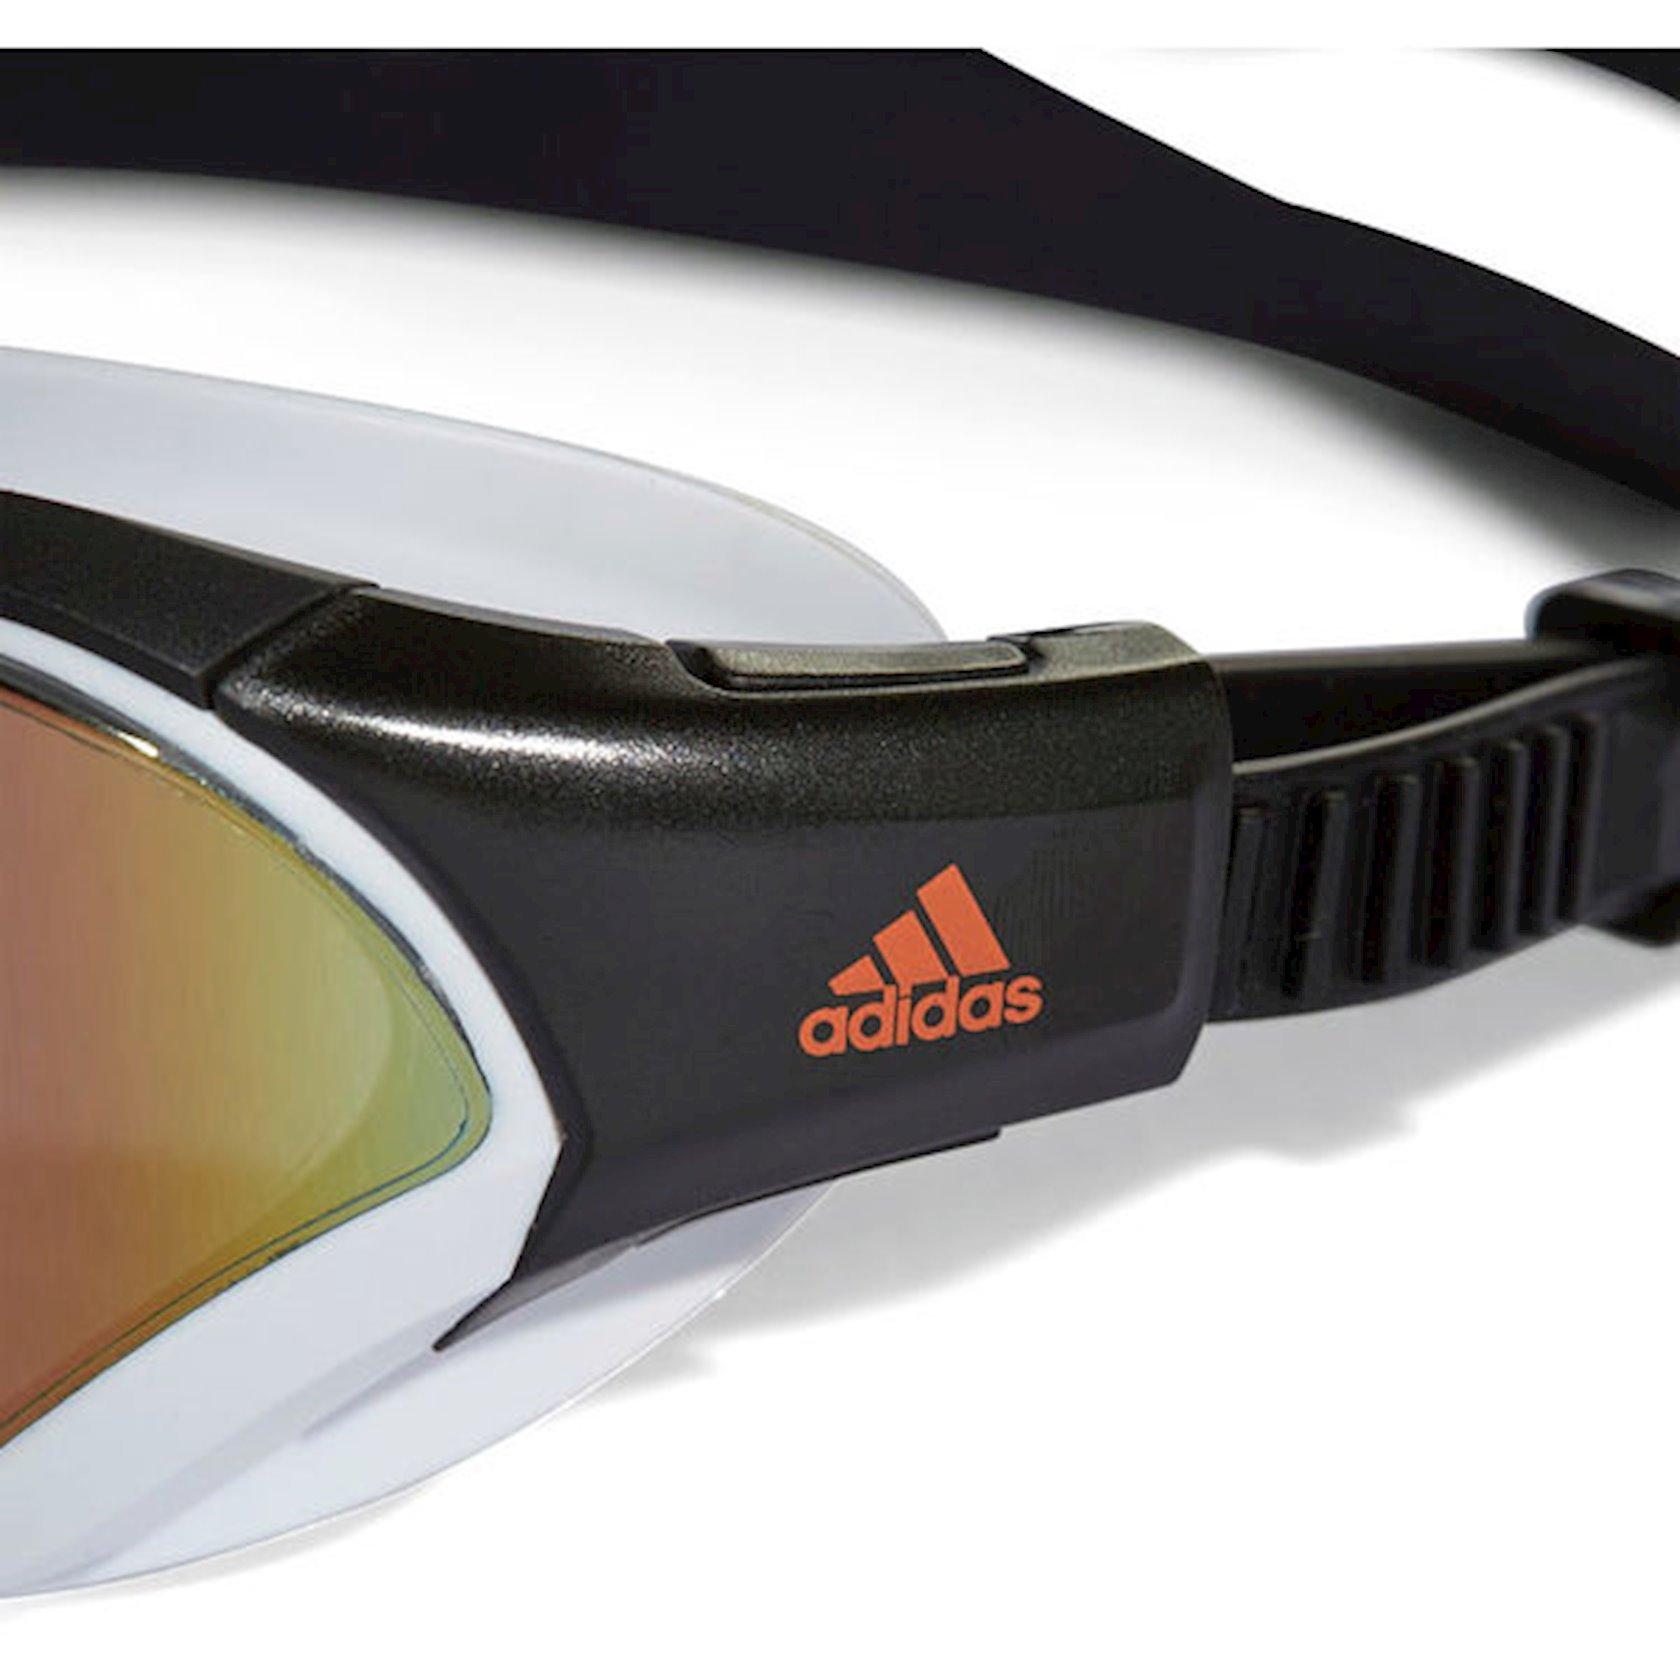 Üzgüçülük üçün eynək Adidas Persistar 180 Mirrored, uniseks, qara